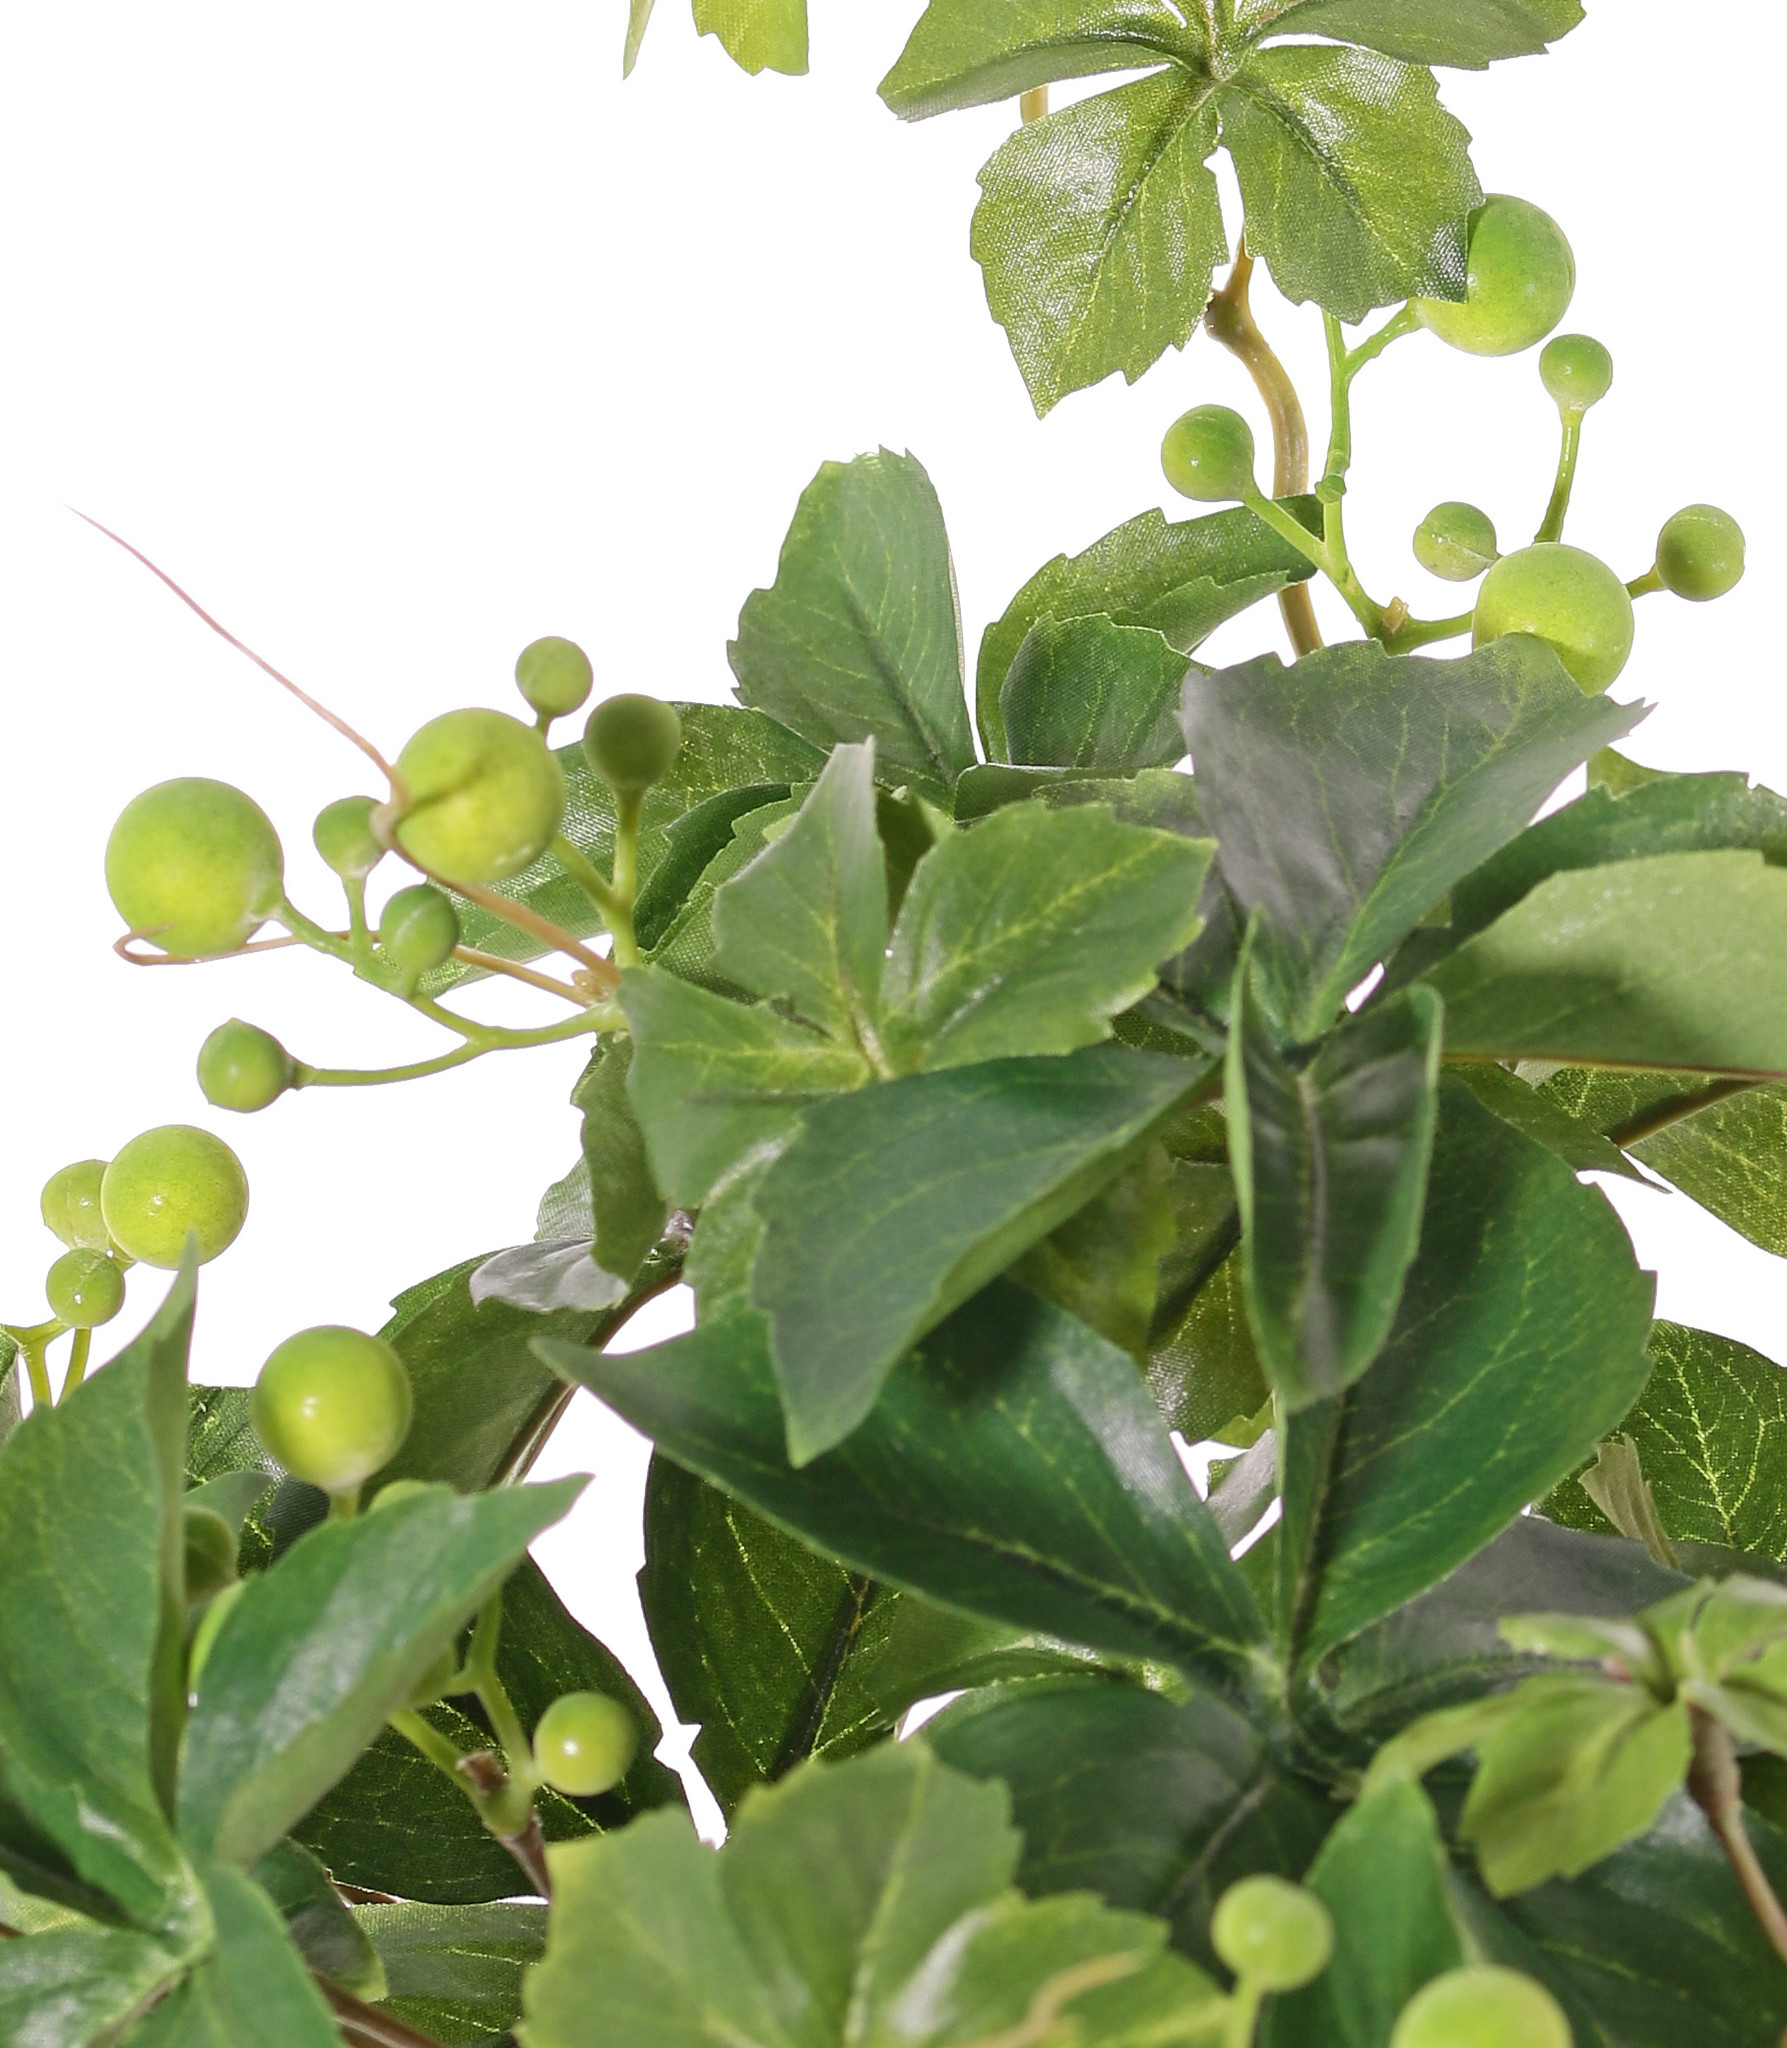 Jungfernrebenbusch, Wilder Wein, Zaunreben (Parthenocissus), ) 9 Verzweigungen, 30 Blätter & 6 Beerenbündel, Ø 35 cm